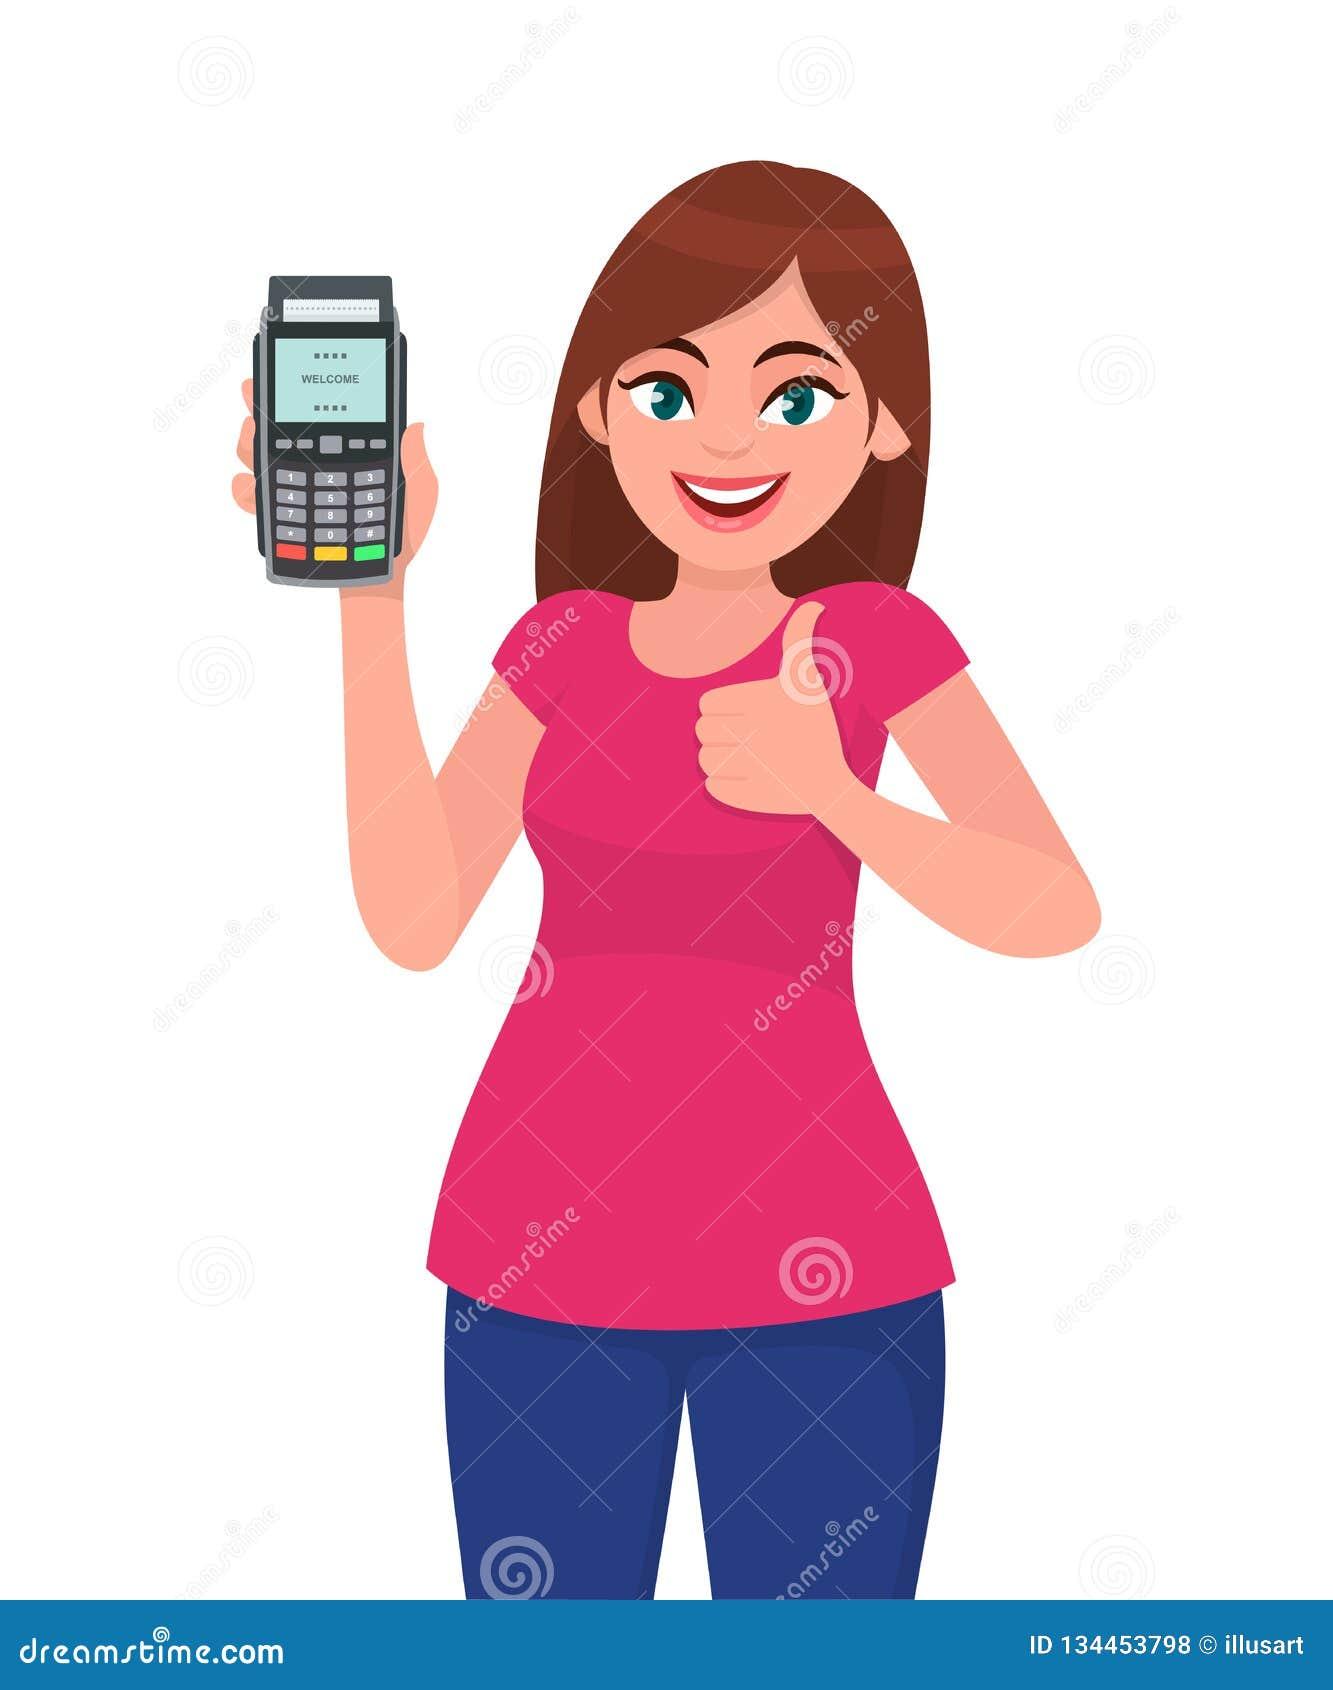 年轻女人陈列/藏品pos猛击机器的付款终端或信用/借记卡,打手势赞许标志